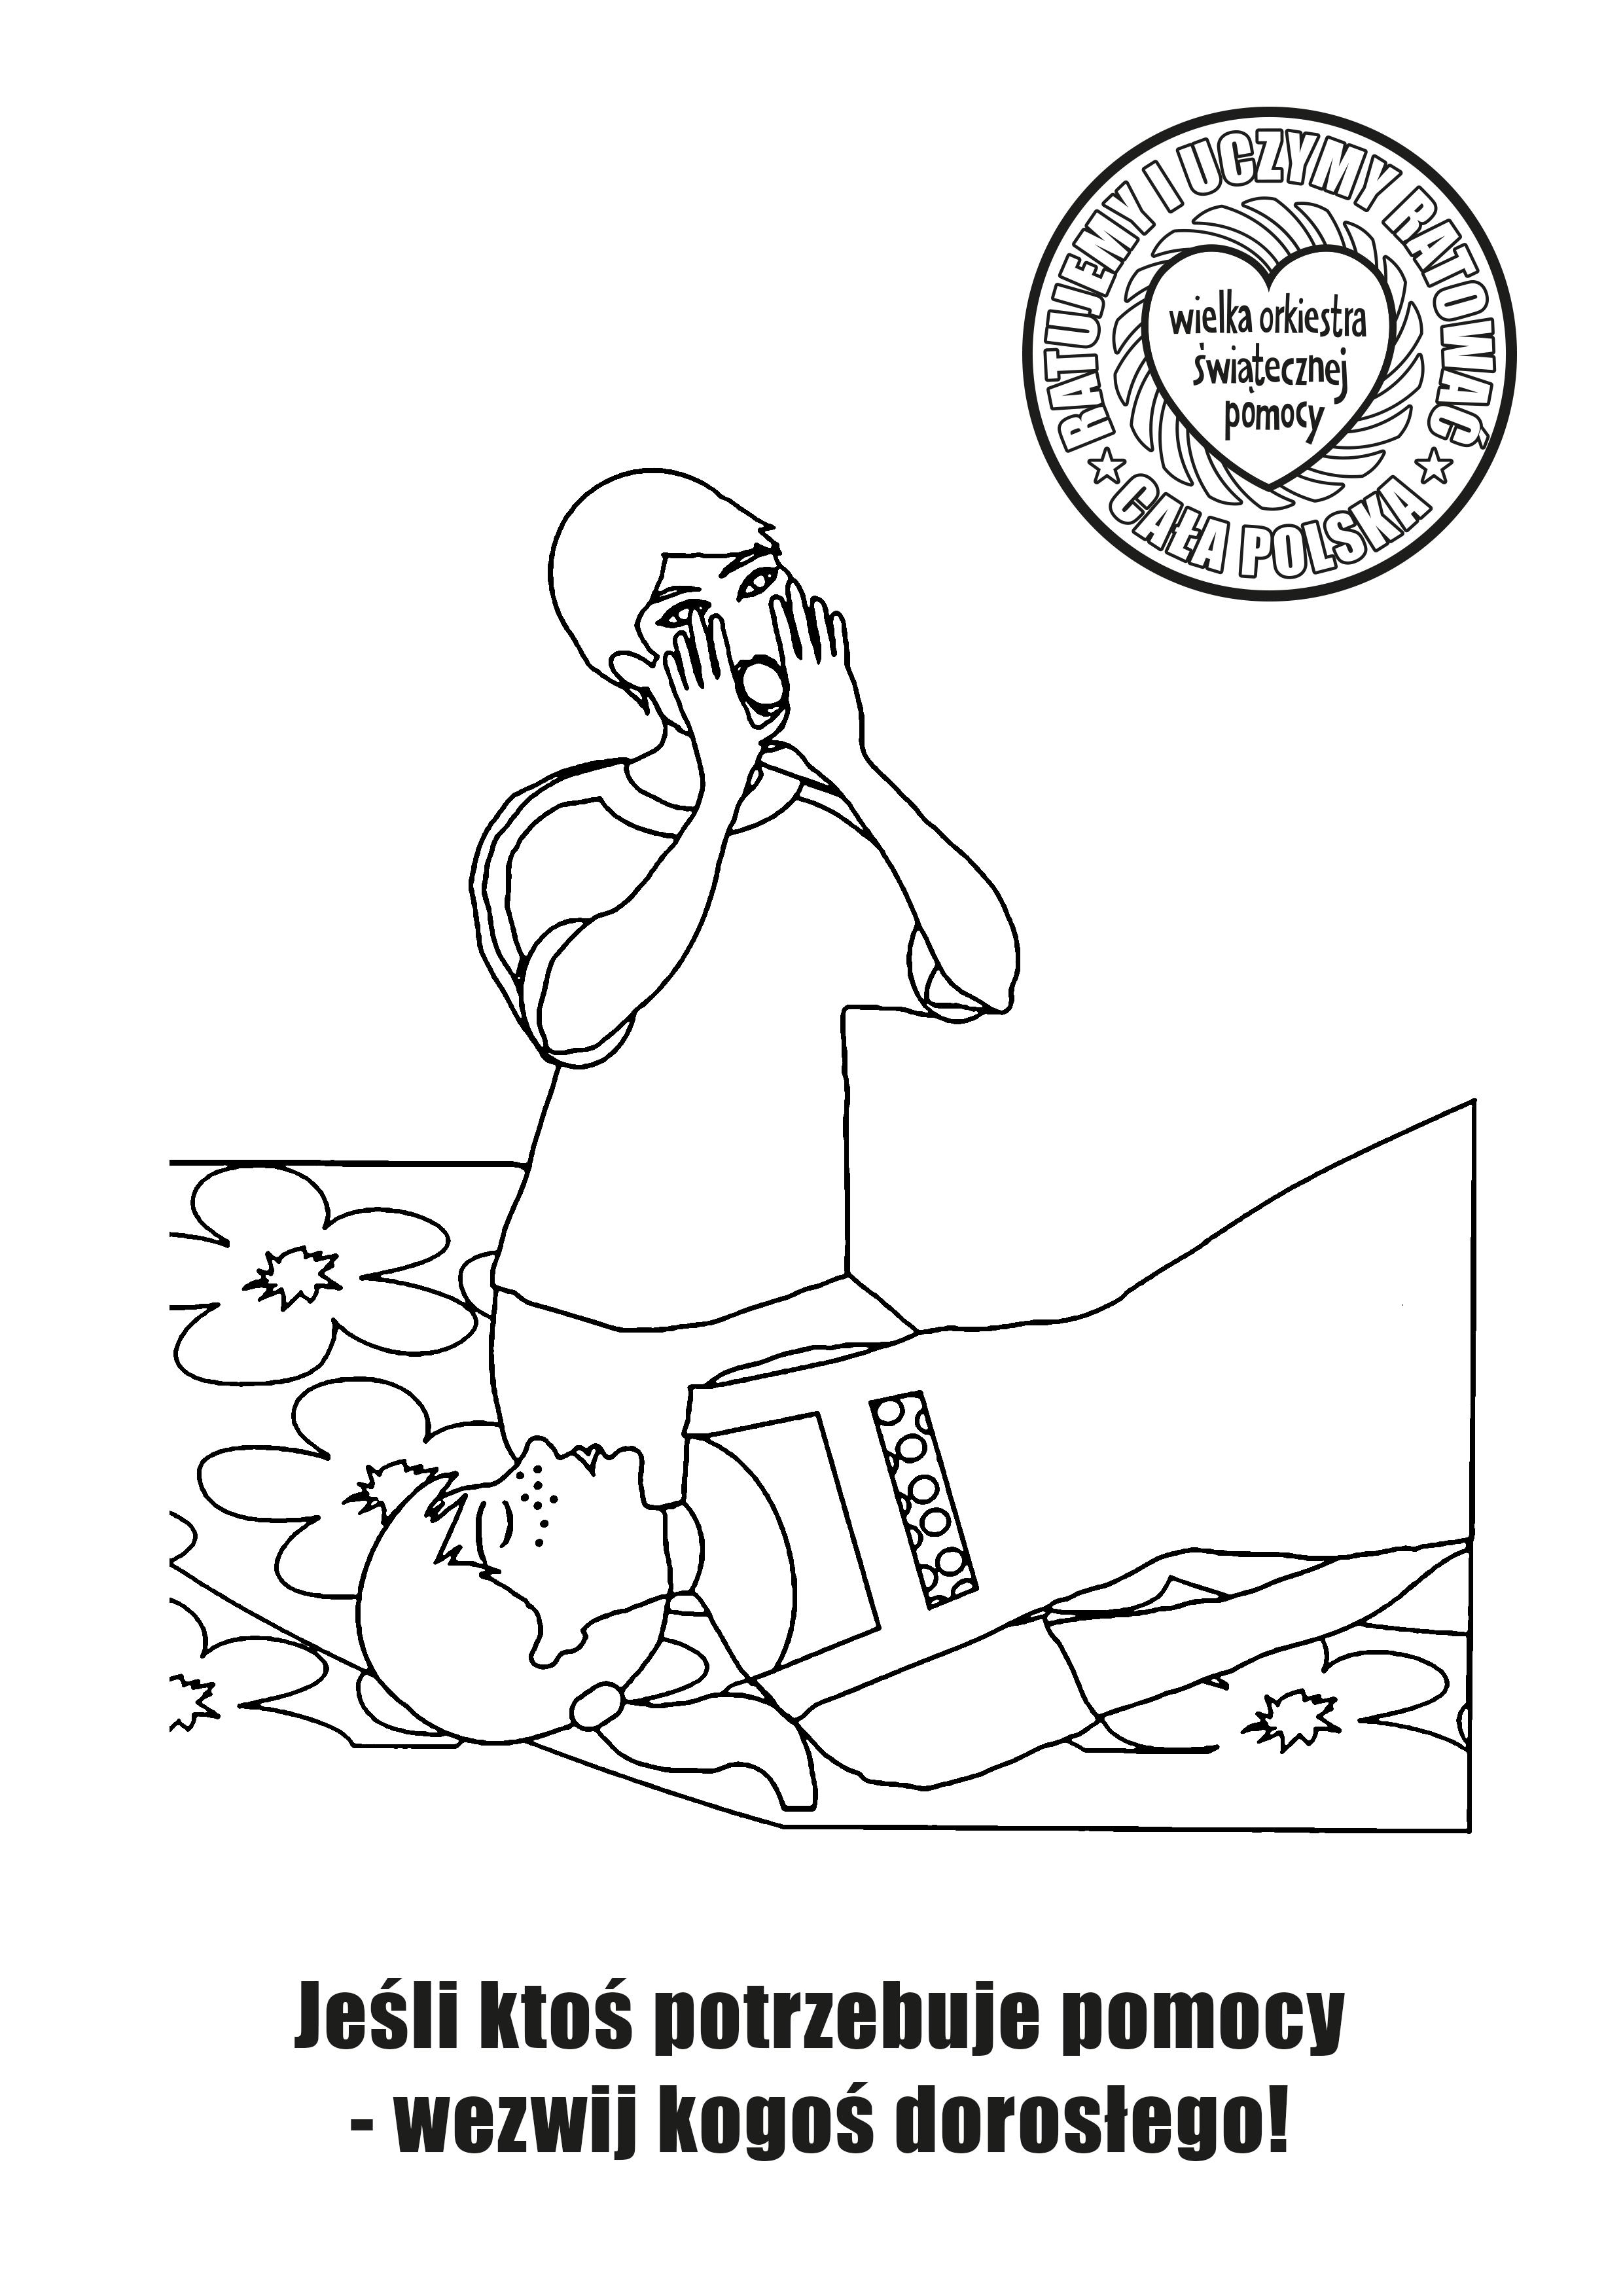 Kolorowanka Na Zajecia Z Pierwszej Pomocy W Szkole First Aid Edukacja Education Children Szkola Scho First Aid Classes Schools First Coloring Books